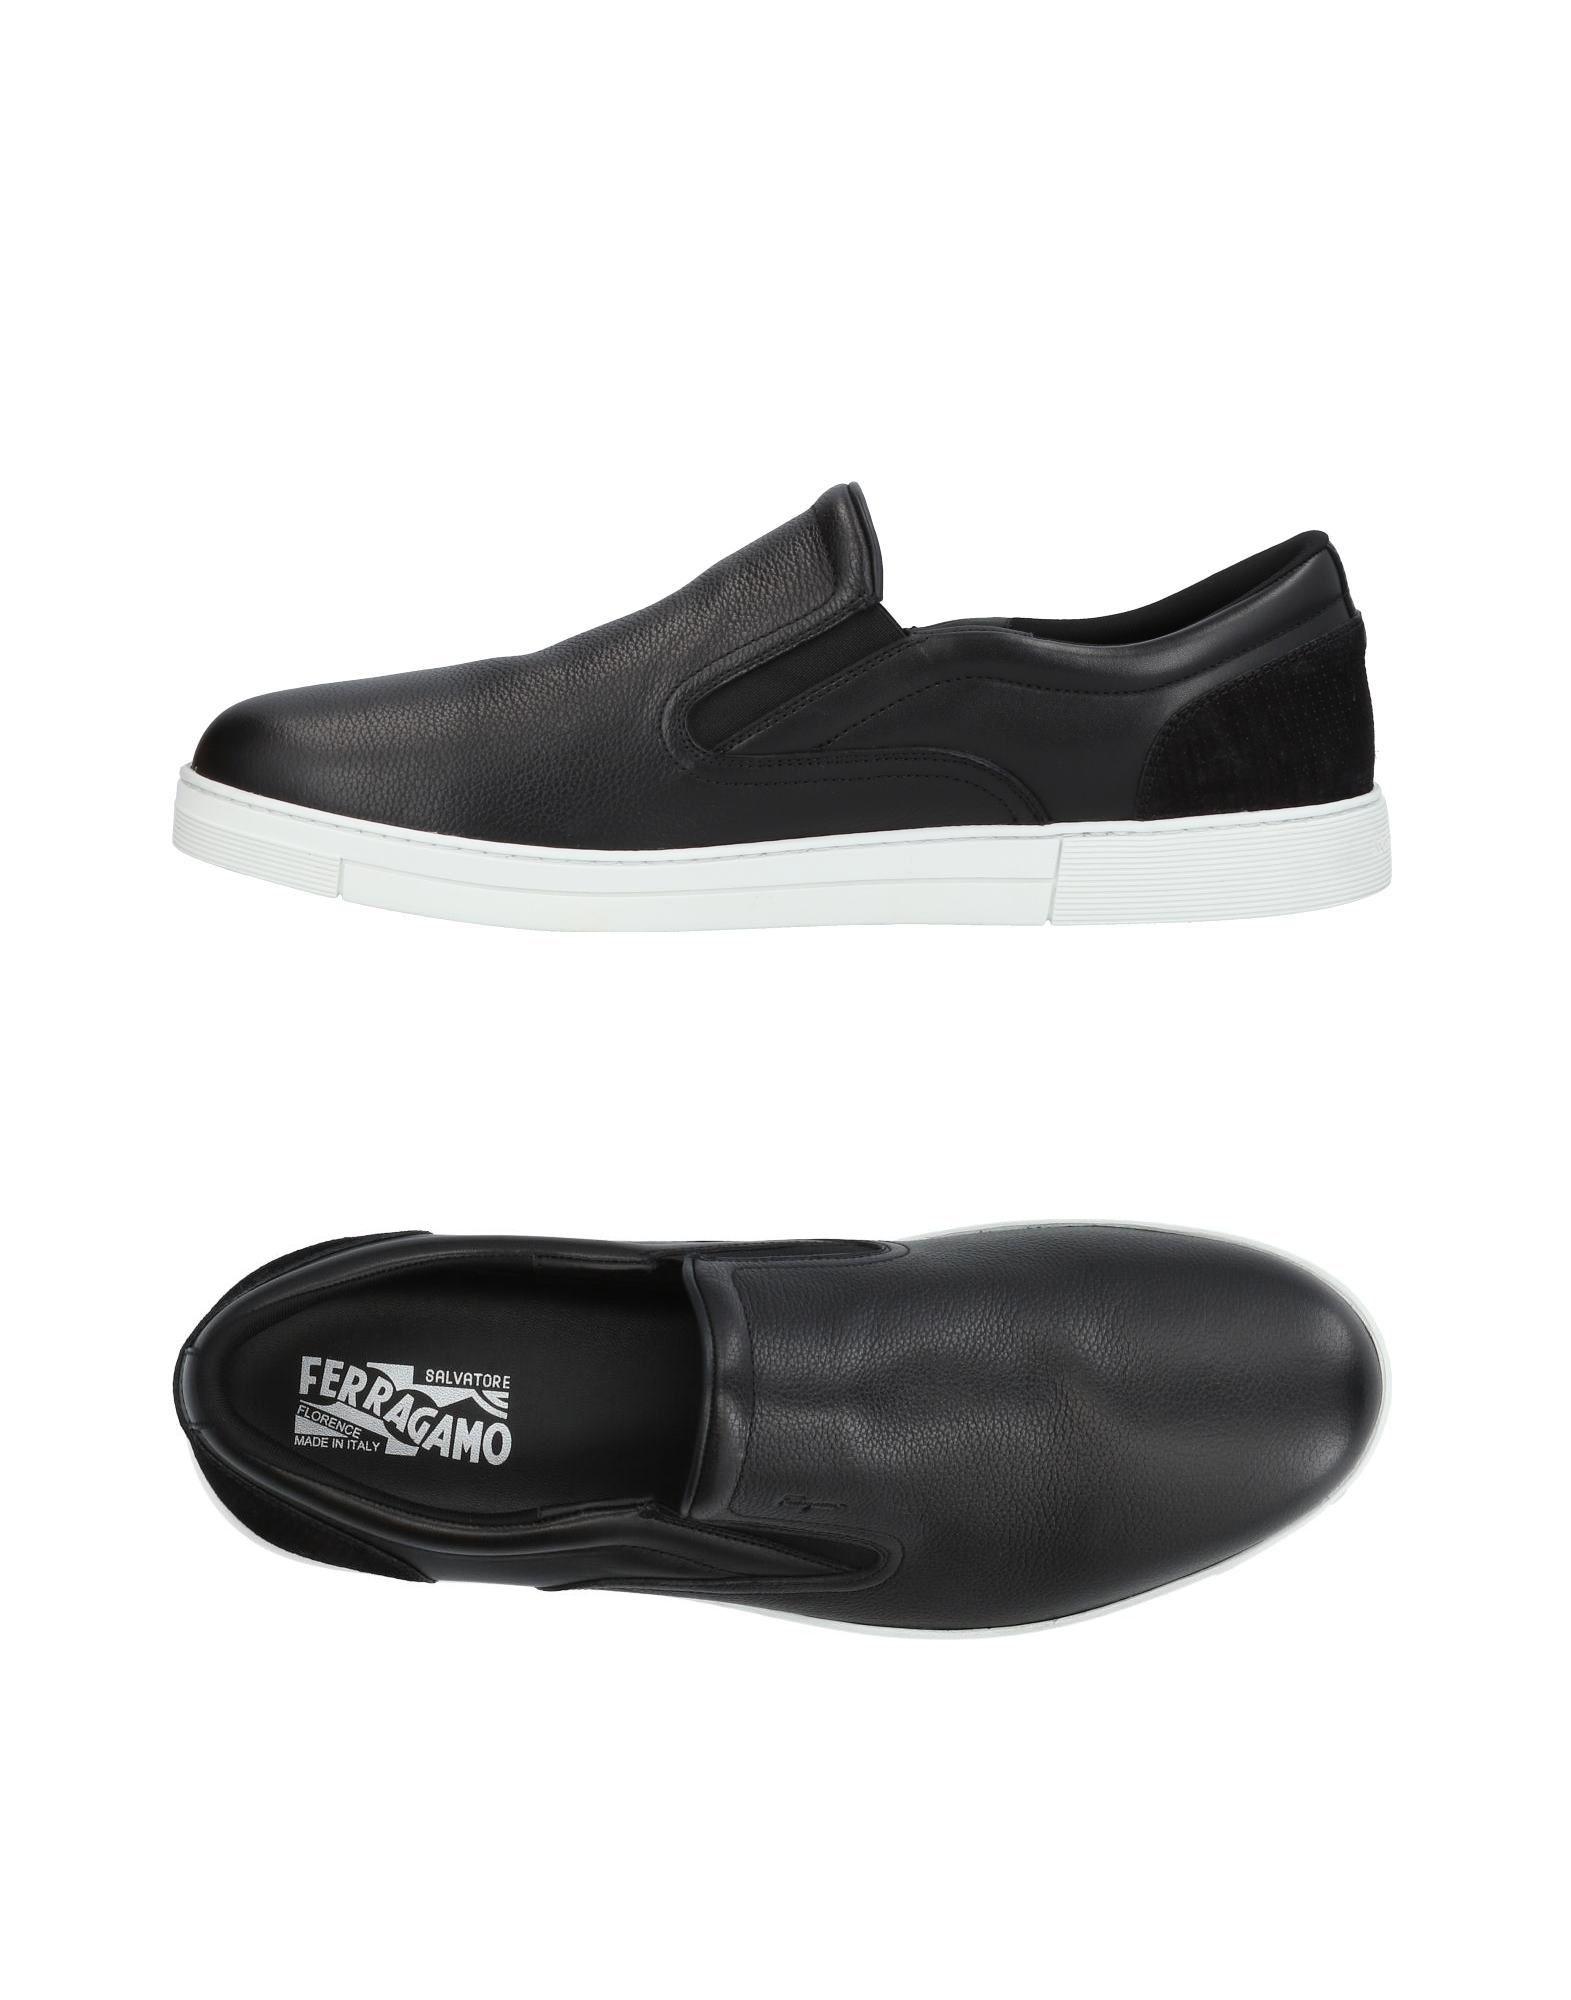 Salvatore Ferragamo Sneakers Herren  11439351EL Gute Qualität beliebte Schuhe